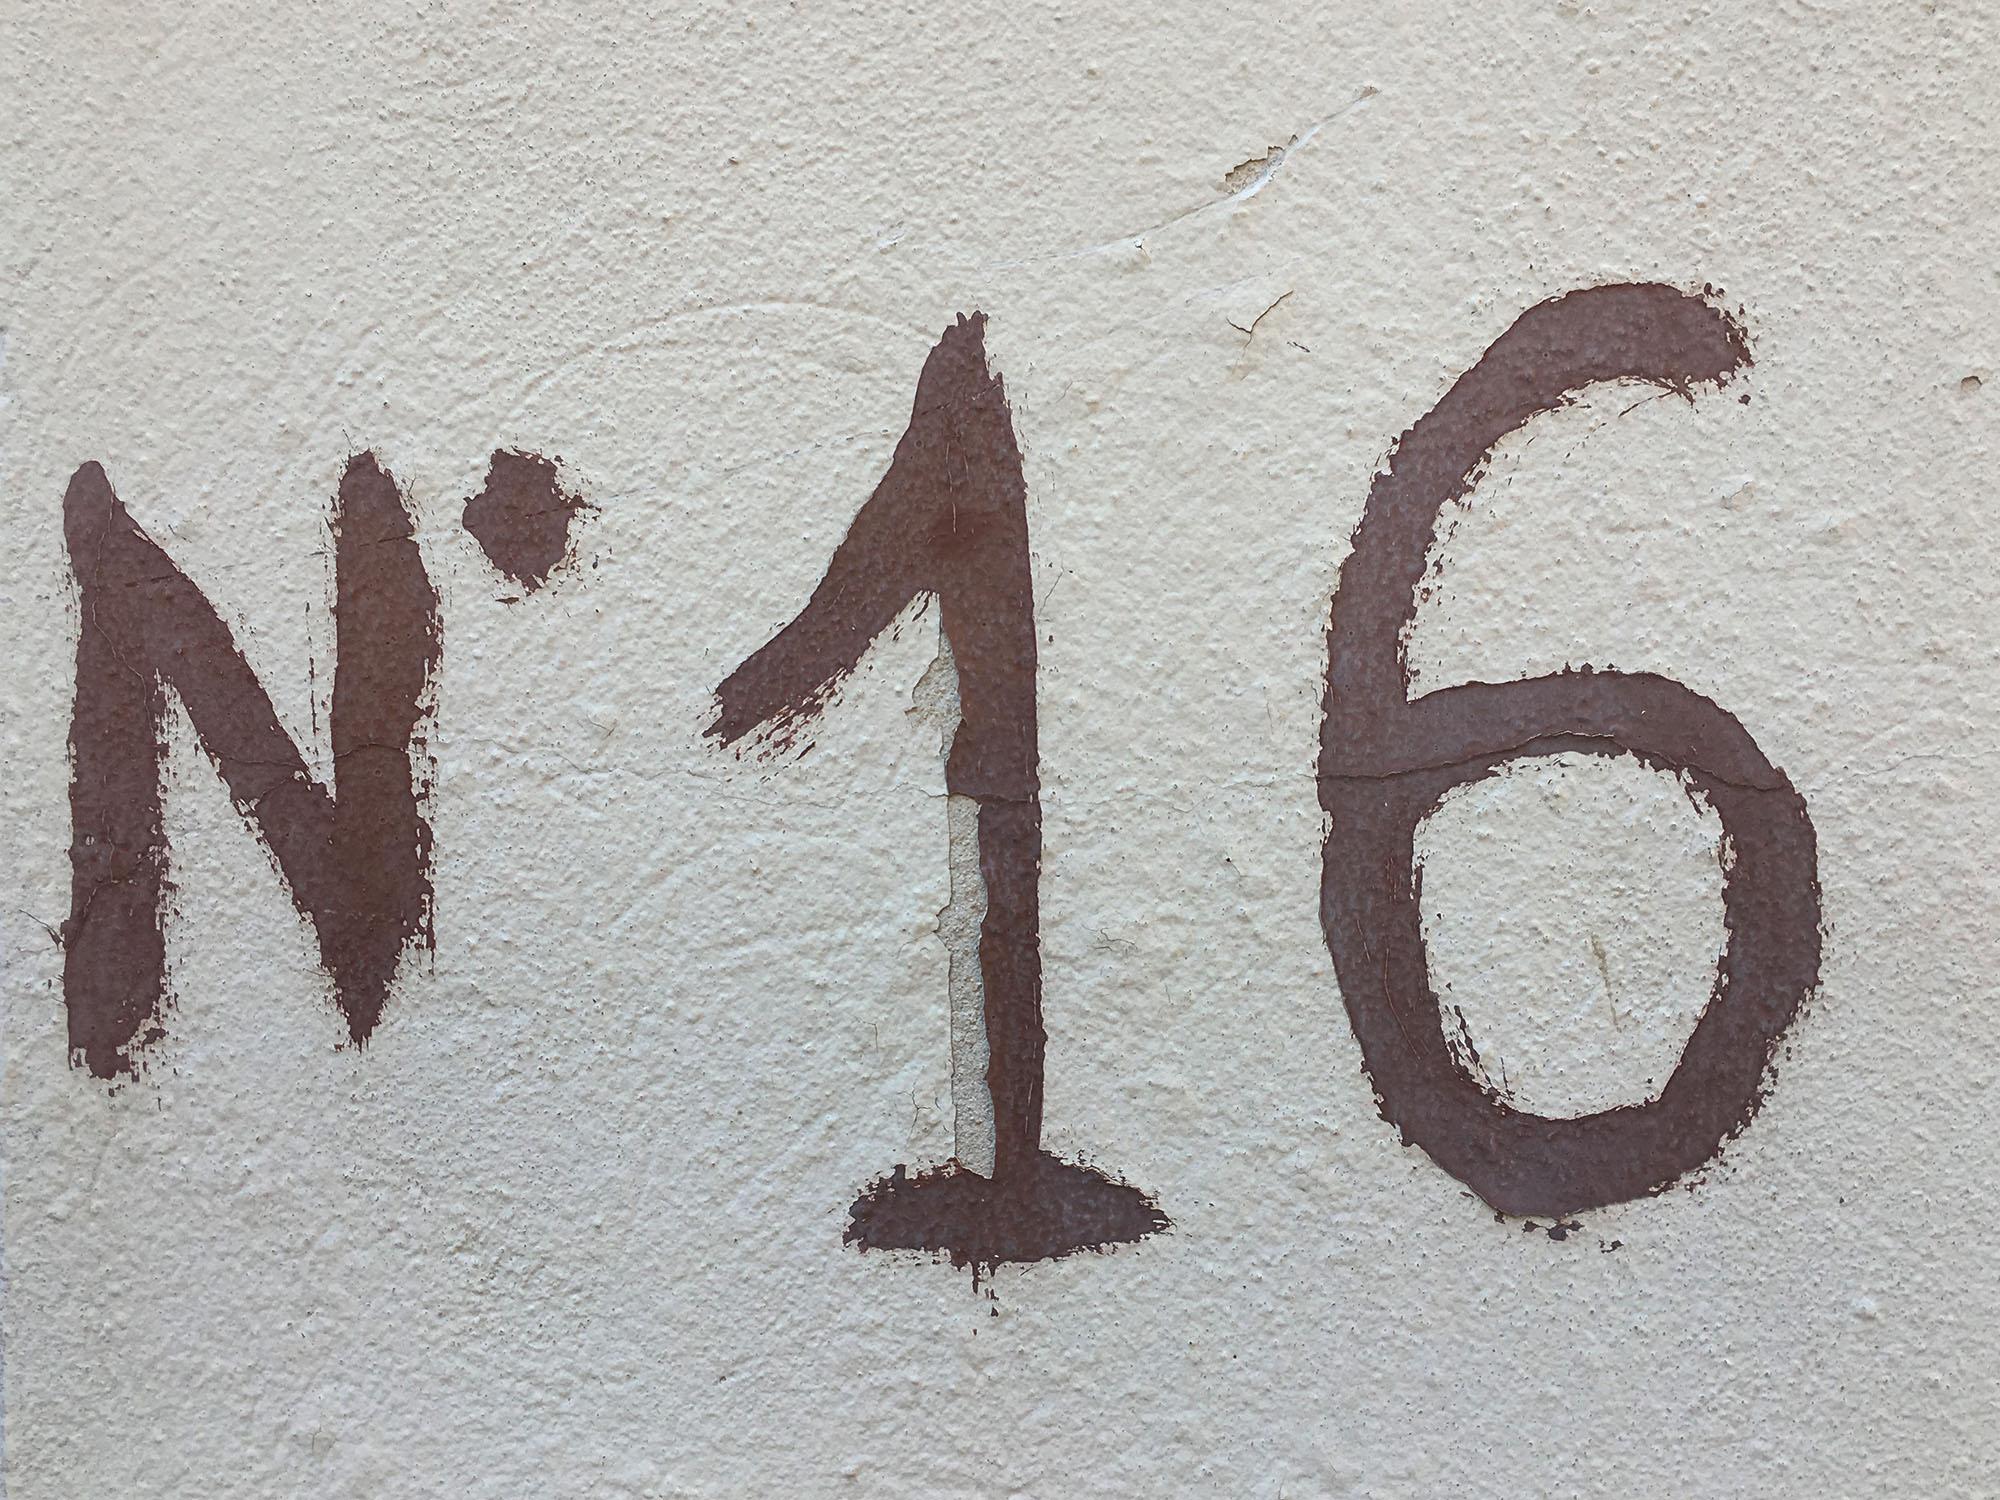 arles-numero-16-20160930